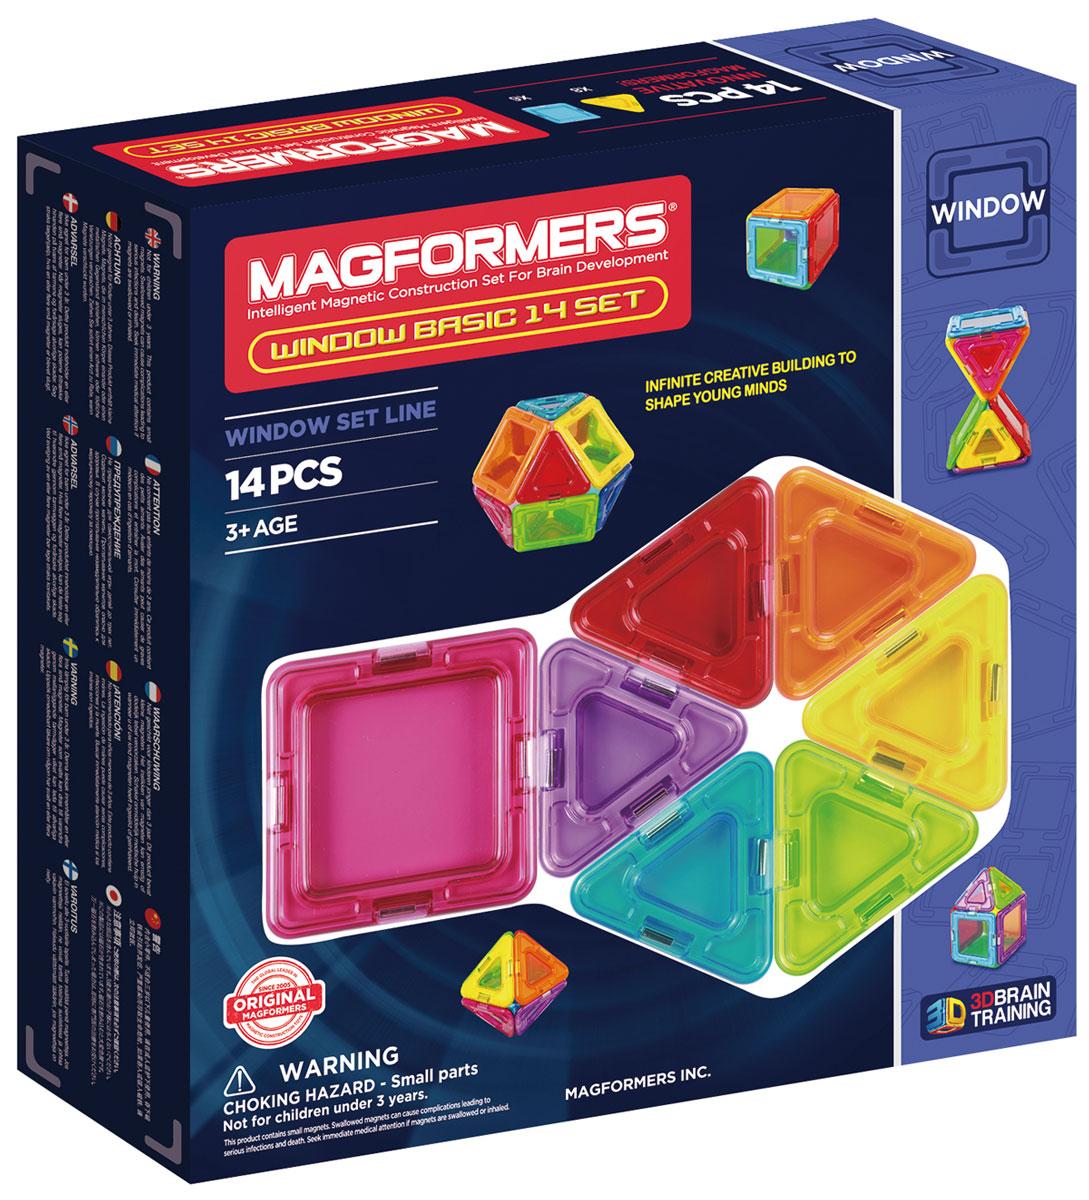 Magformers Магнитный конструктор Window Basic 714001714001Magformers Window Basic 14 – представитель новой серии Window, в которую также входят Window Basic 30 Set и Window Inspire 14 Set. Особенностью этой серии являются магнитные детали со сплошным центром, из которых можно собрать непрозрачные модели. Набор Window Basic 14 — идеально подойдет для начинающего строителя. В его состав входят квадраты и треугольники - самые базовые и легкие в применении фигуры. С их помощью малыш сможет постепенно перейти от аппликаций на плоскости к построению объемных моделей. Детали выполнены в ярких радужных цветах, что непременно порадует маленького архитектора. Все элементы набора совместимы с любыми другими конструкторами Магформерс. Те, кто уже имеет коллекцию магнитных конструкторов, сможет дополнить ее уникальными непрозрачными элементами и создавать еще более разнообразные и прочные постройки. Наборы Магформерс выгодно отличаются от других конструкторов тем, что внутри каждого элемента находятся магниты. В процессе соединения деталей магниты сами...